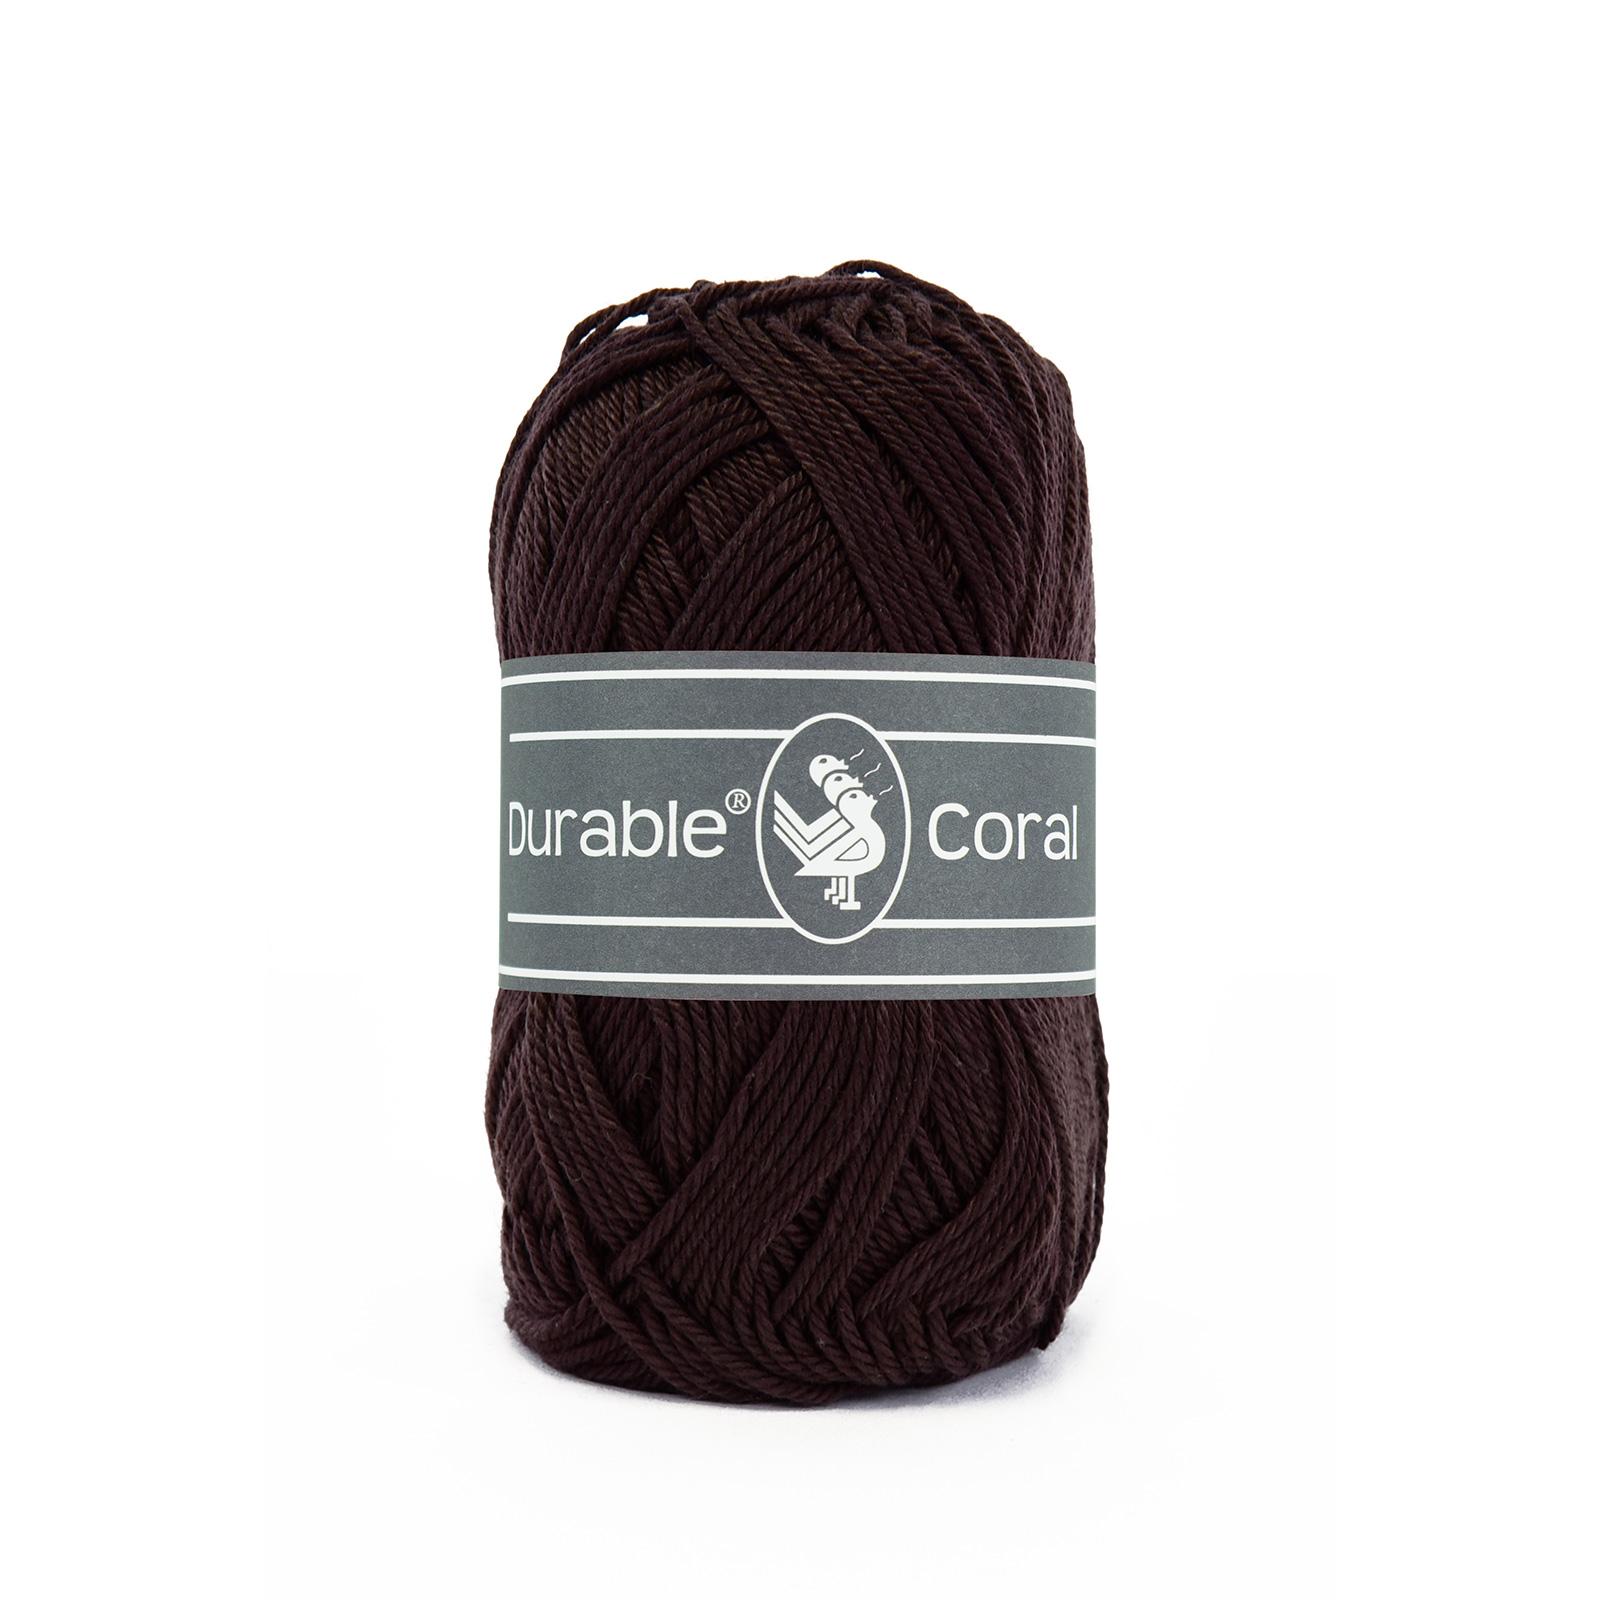 Coral – 2230 Dark Brown